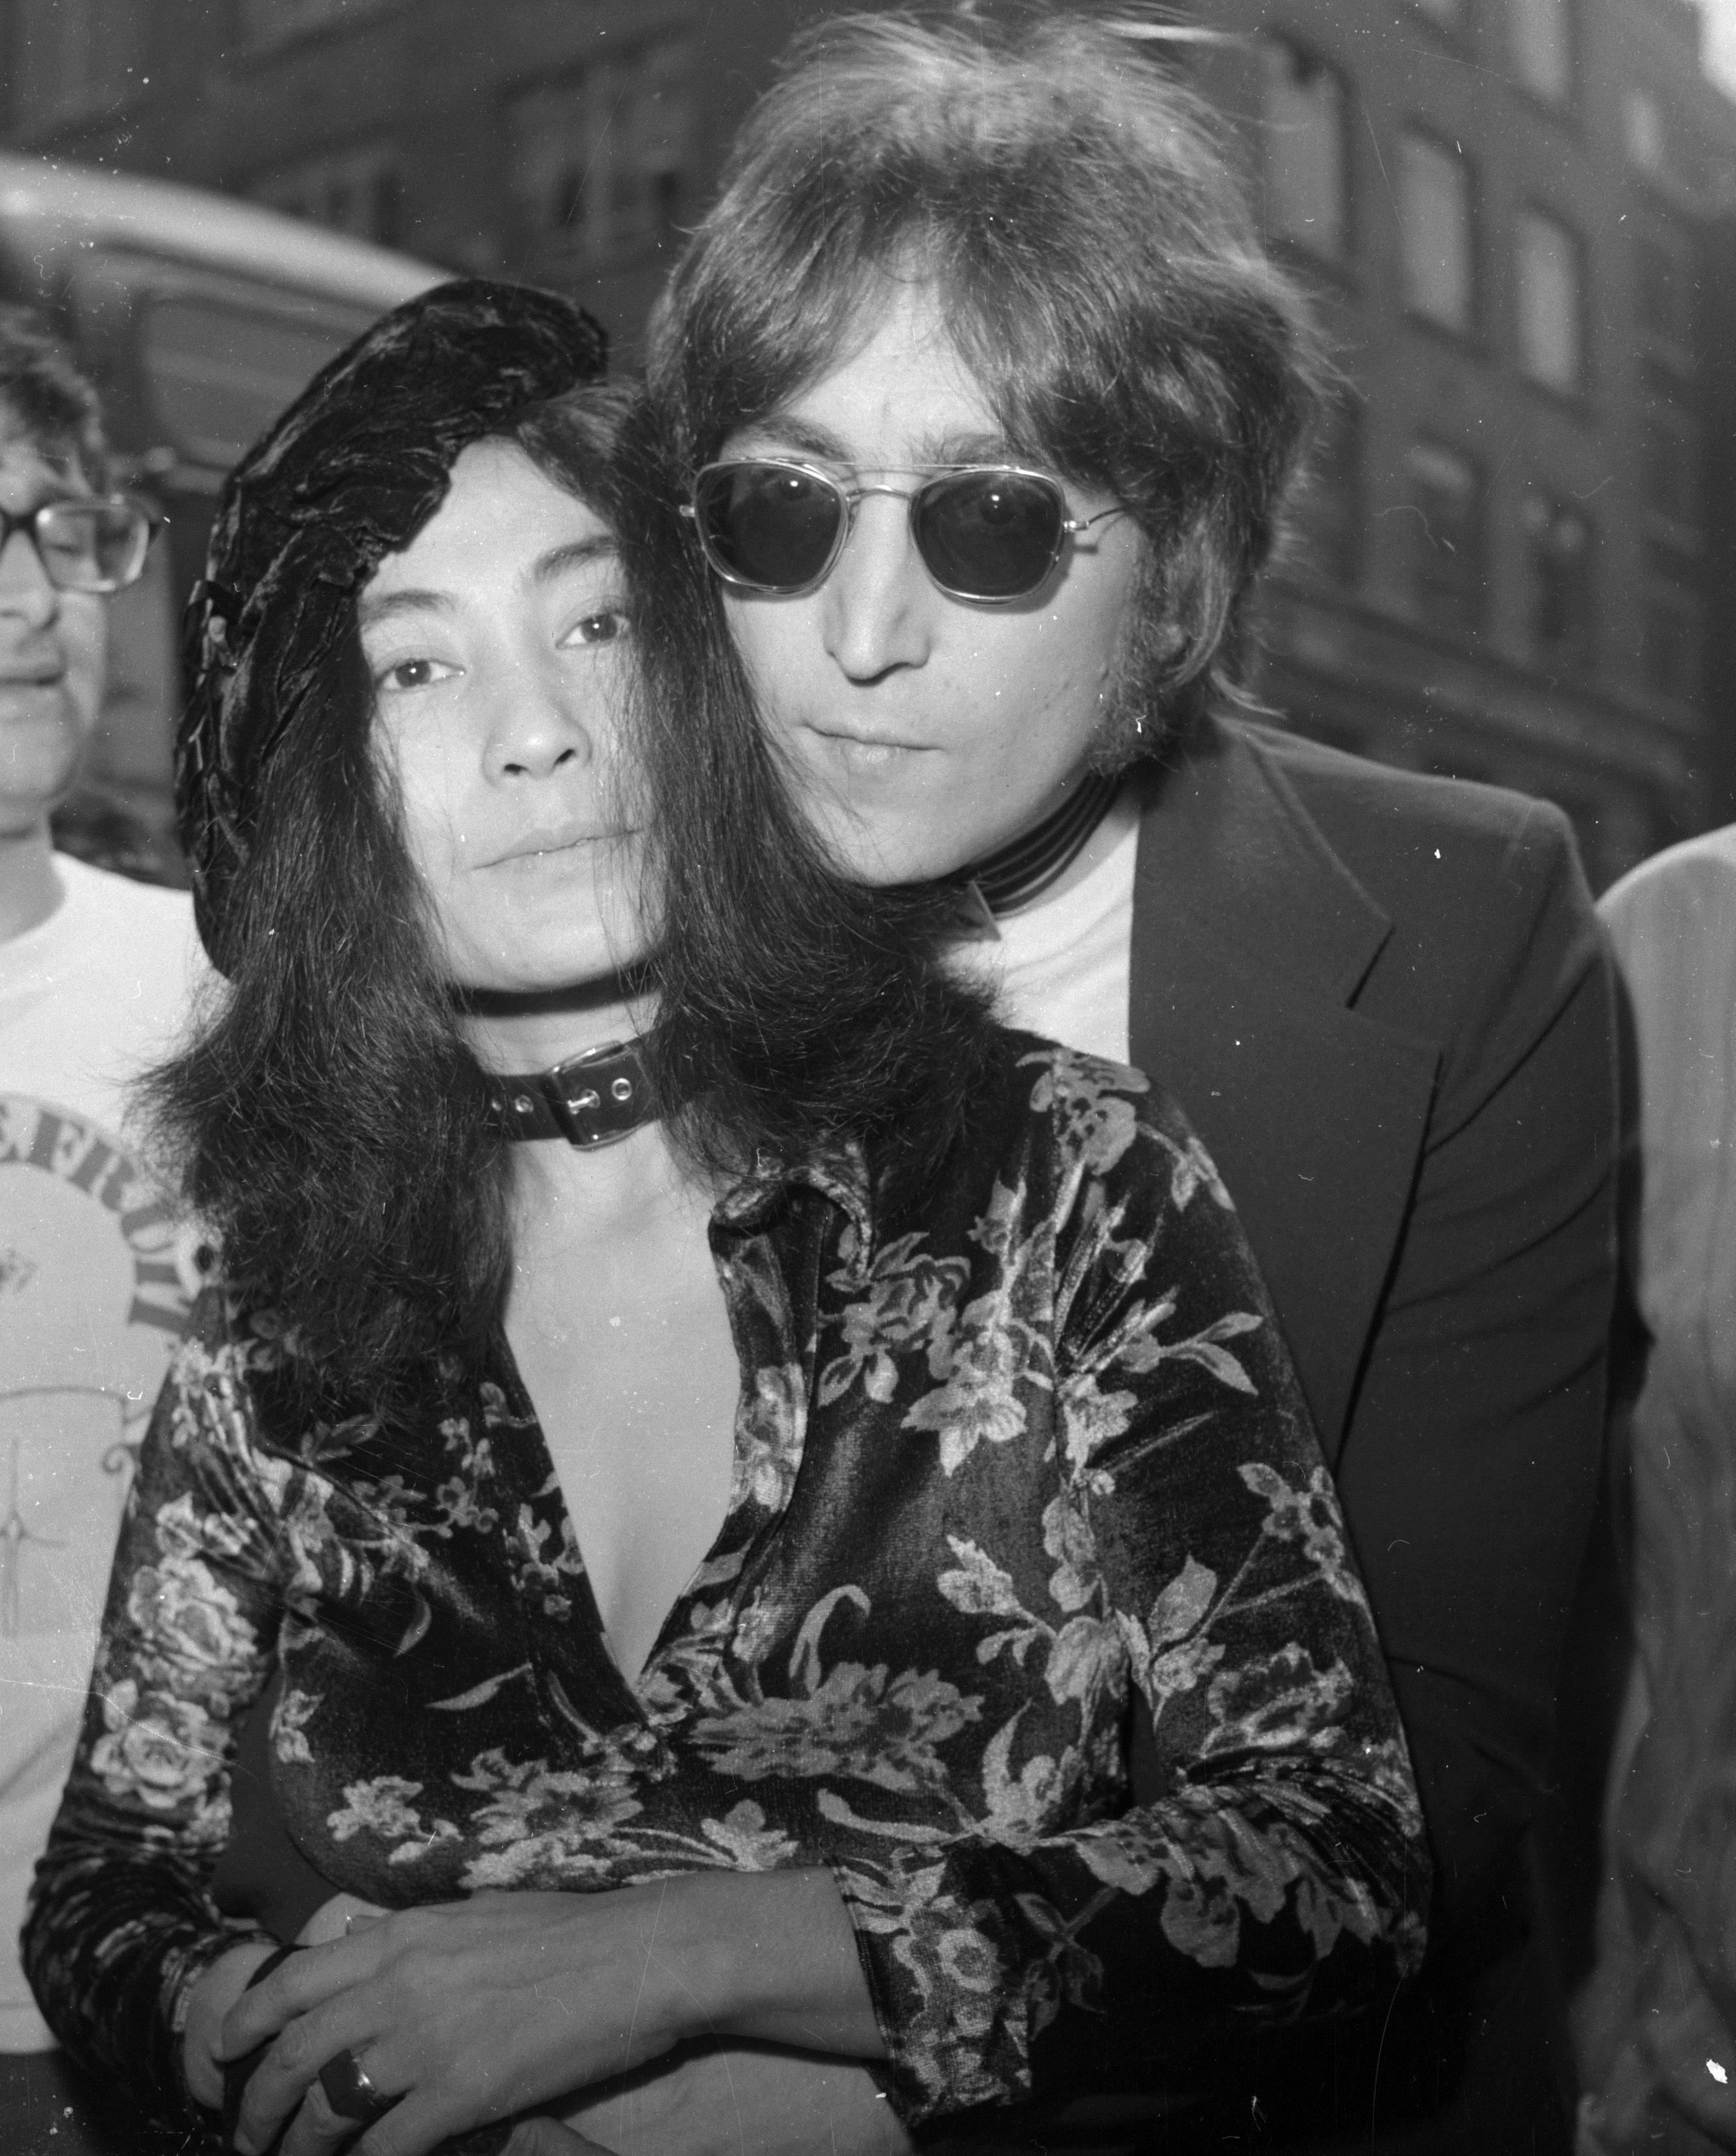 <p>Джон и Йоко в Лондон на 20 юли 1971 г.</p>